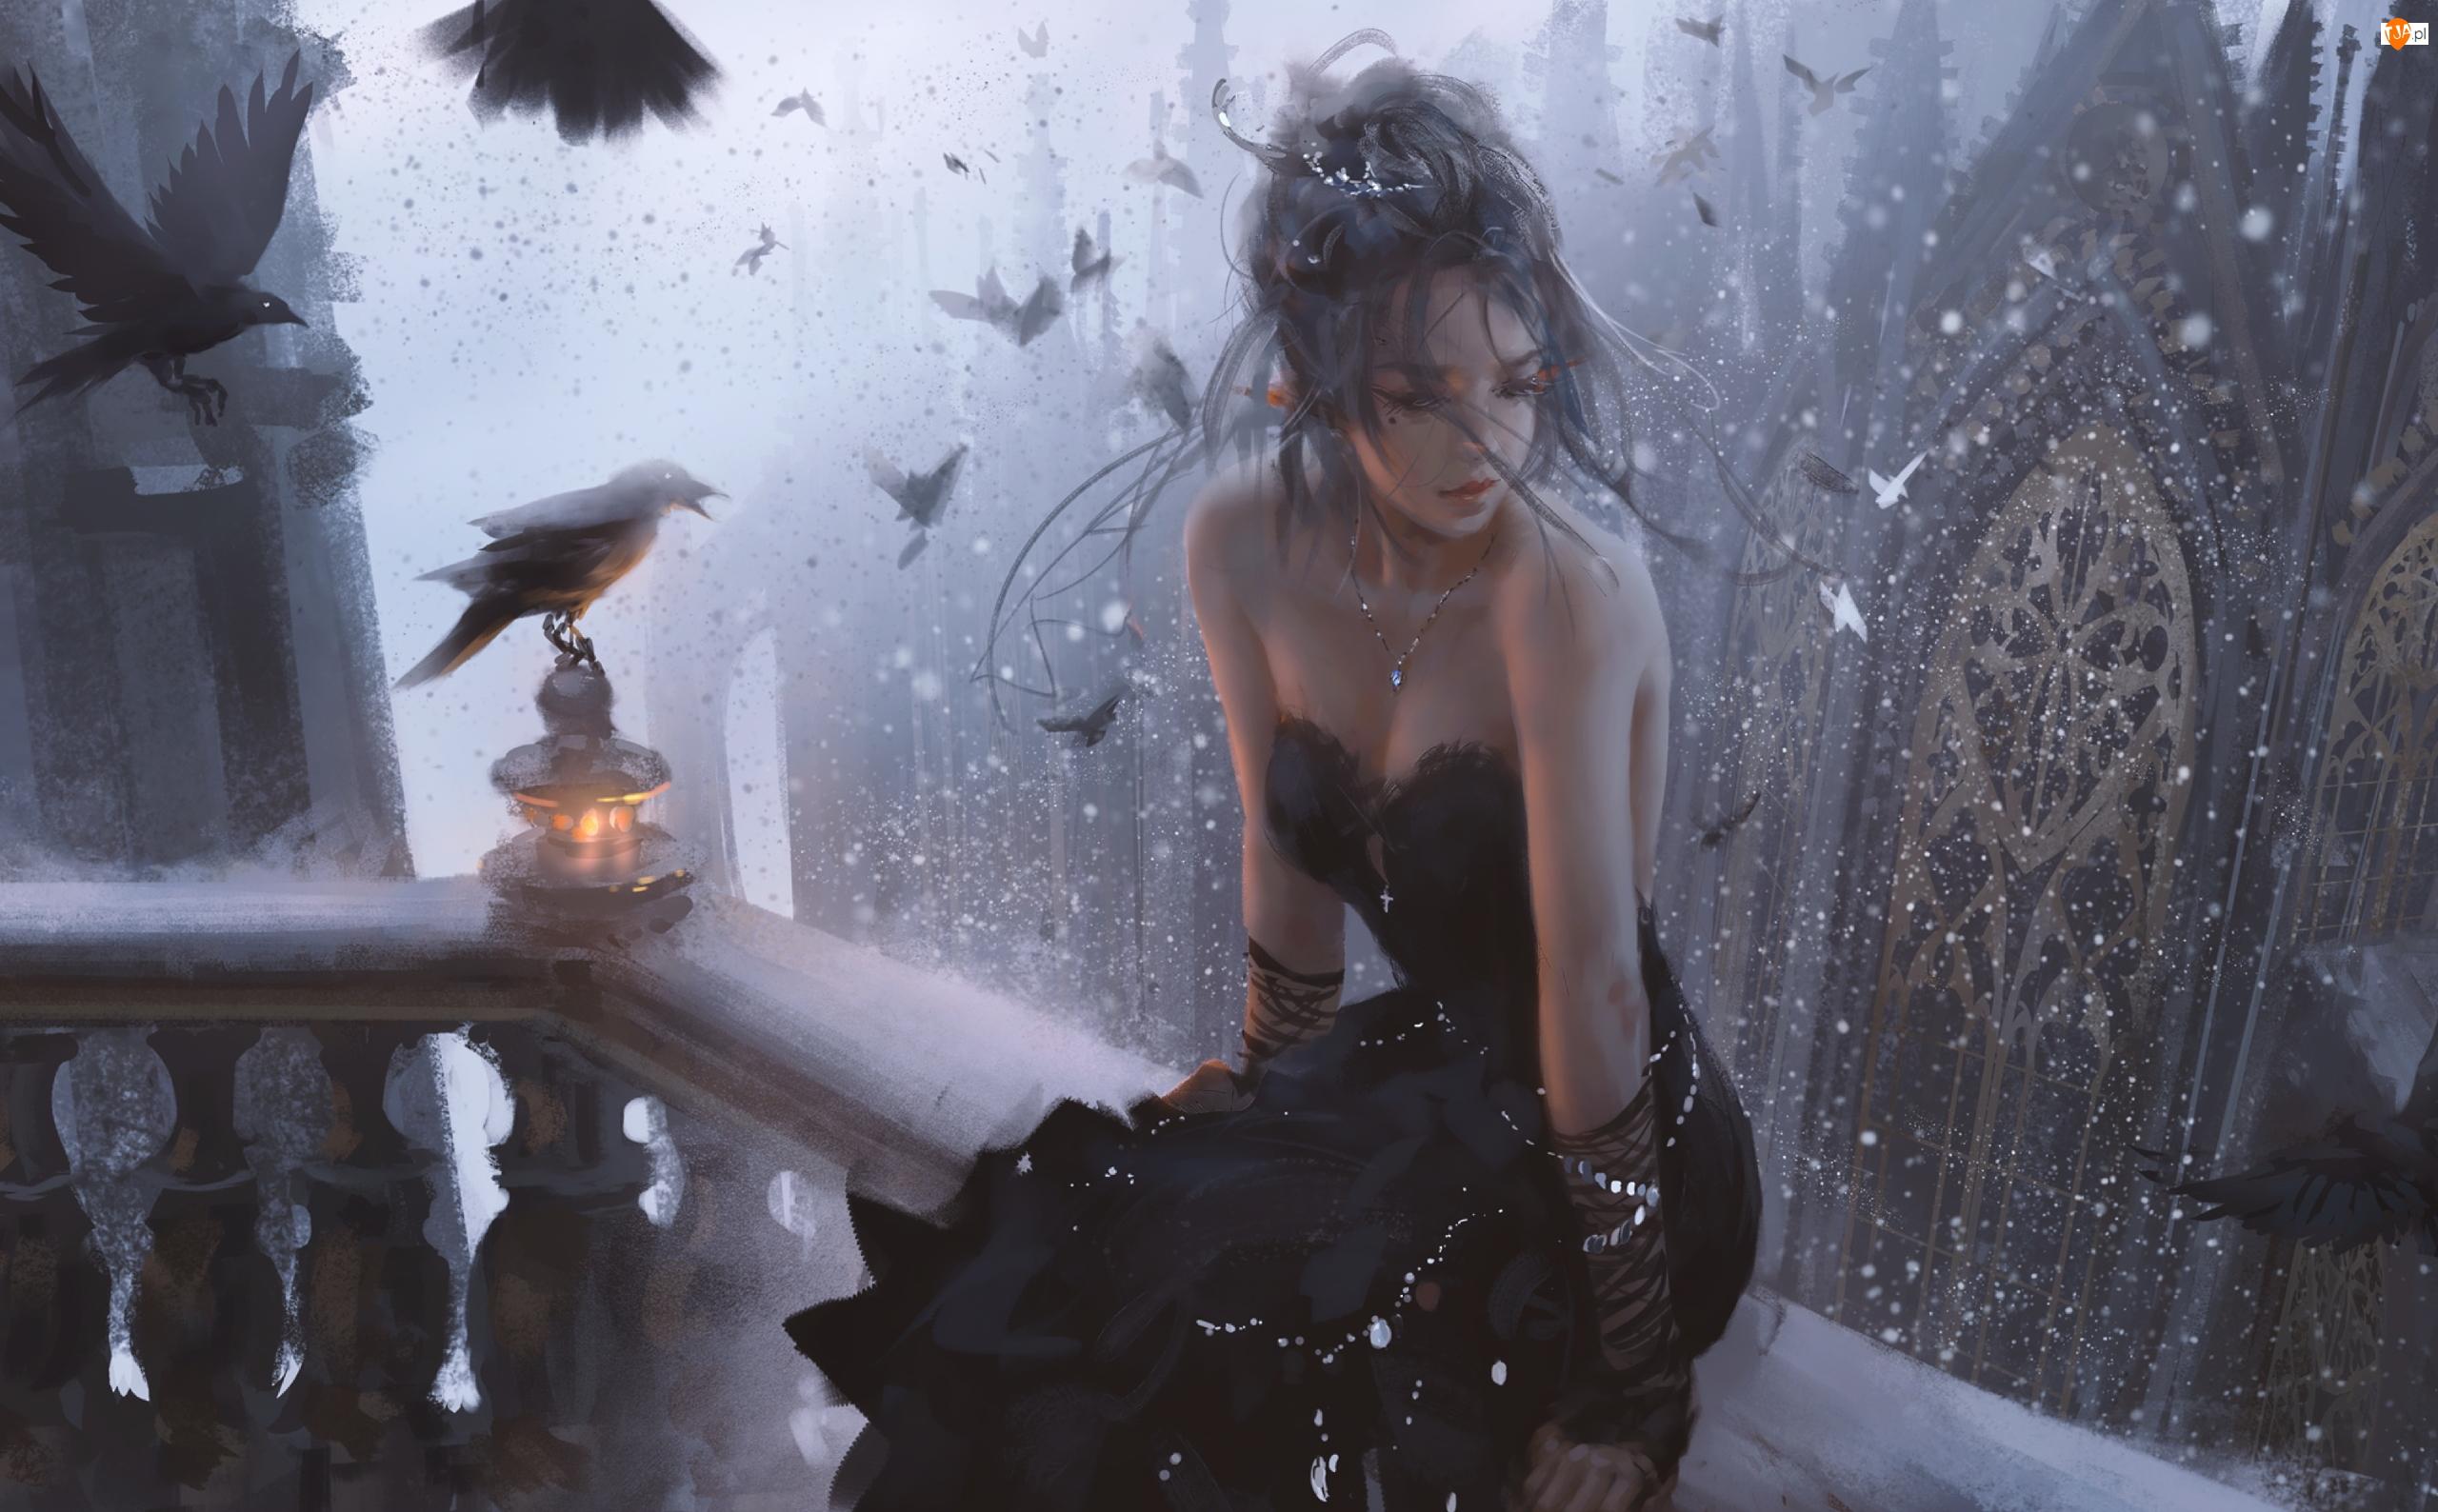 Dziewczyna, Księżniczka, Sukienka, Grafika, Czarna, Balustrada